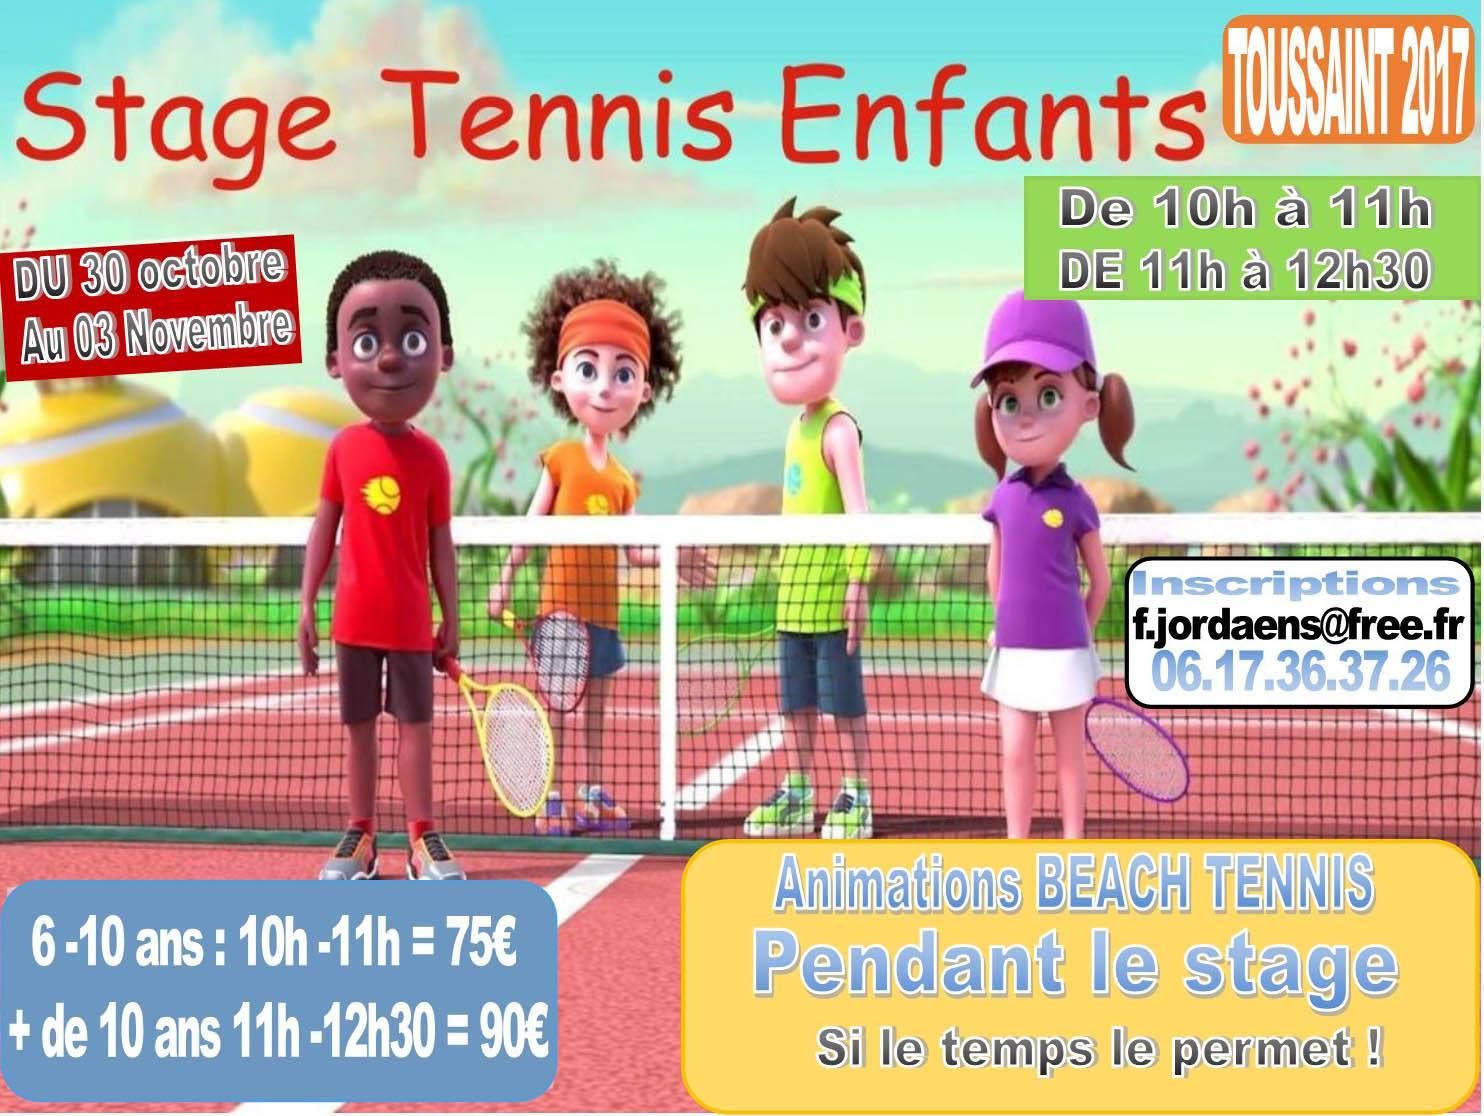 Stages Tennis Animation Beachtennis La Toussaint 2017